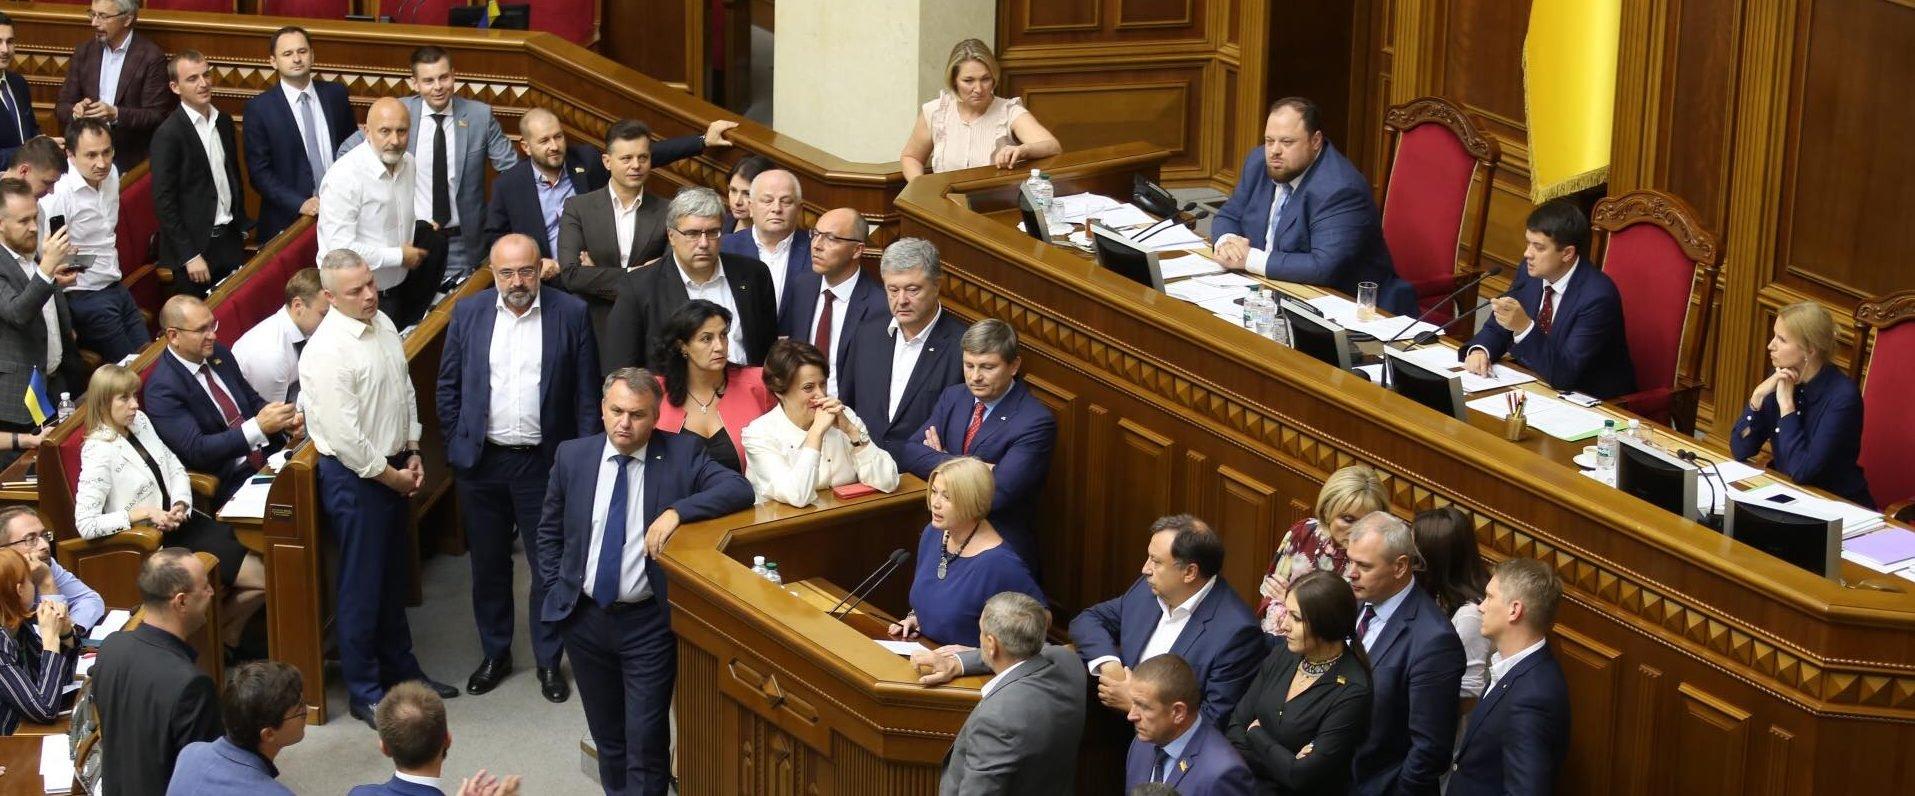 """325 — """"ЗА"""": Парламент прийняв рішення про невизнання виборів в Криму"""